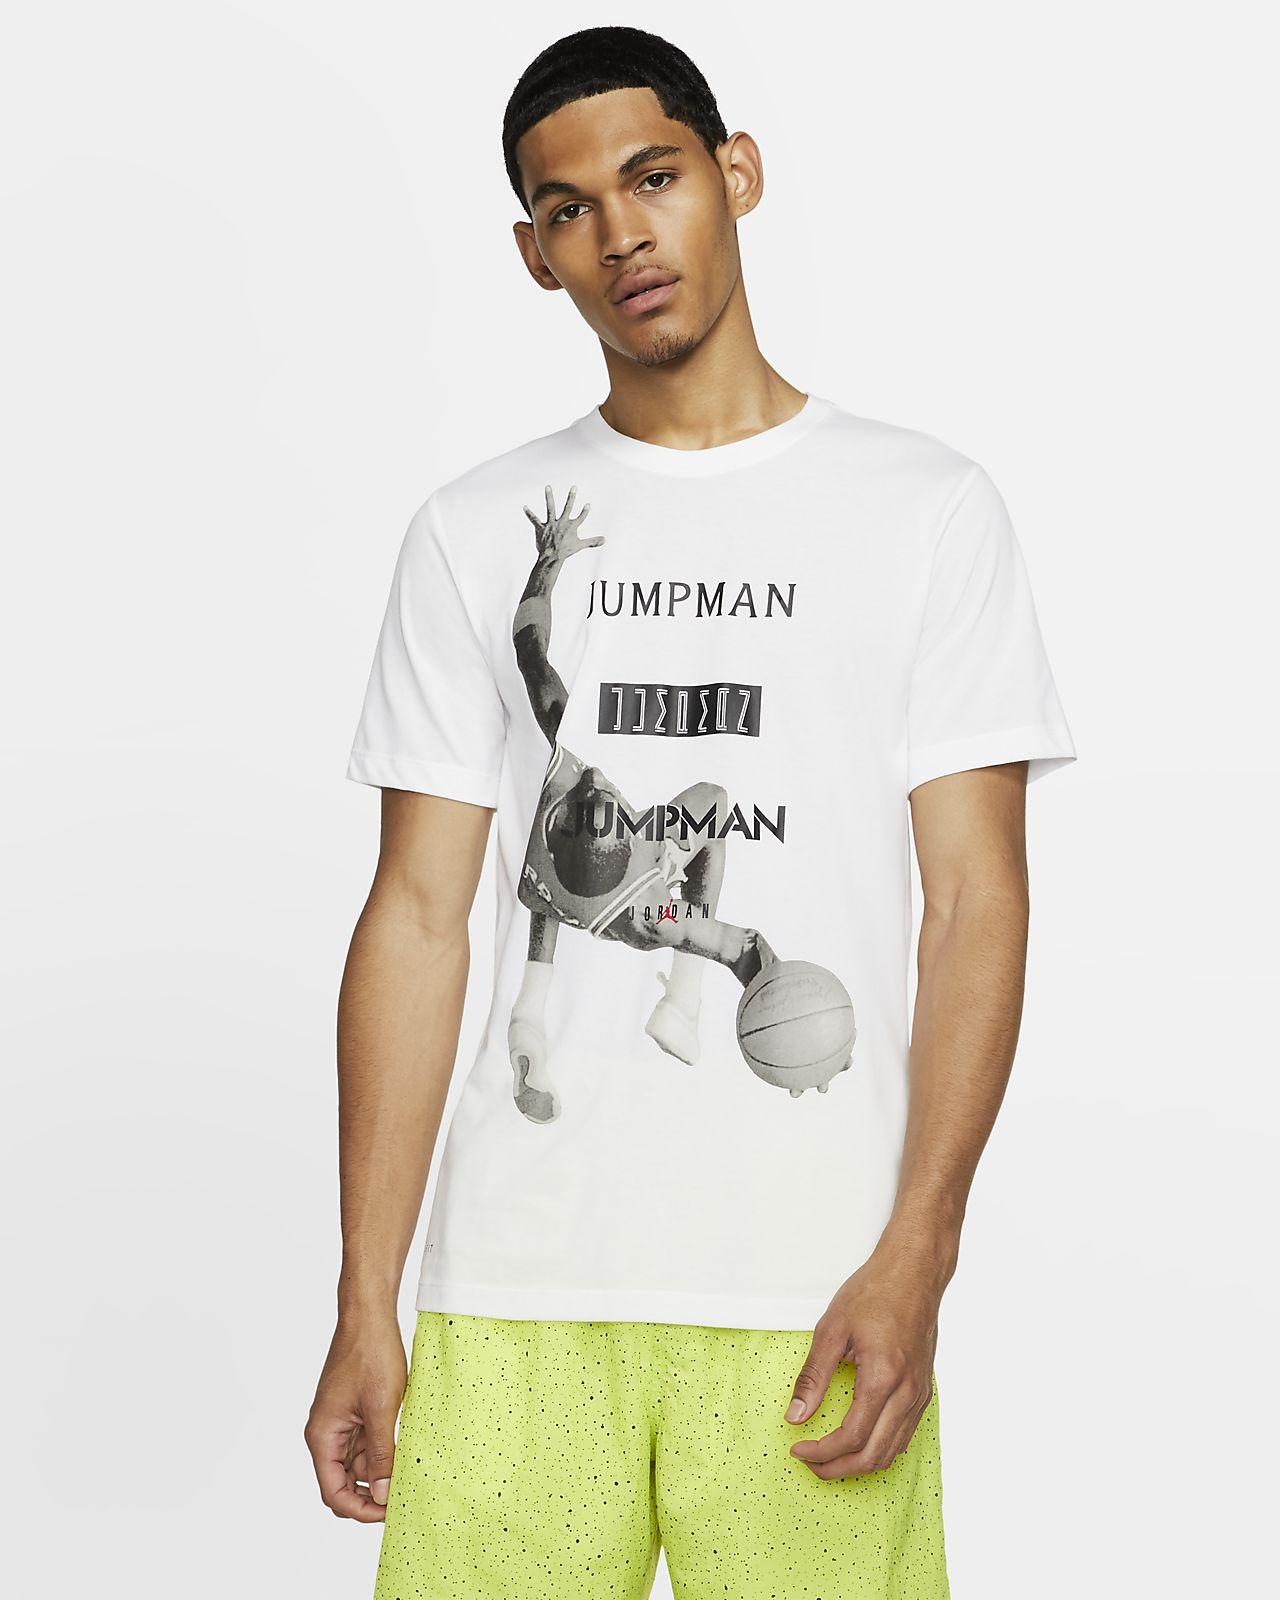 ジョーダン ジャンプマン フォト メンズ Tシャツ